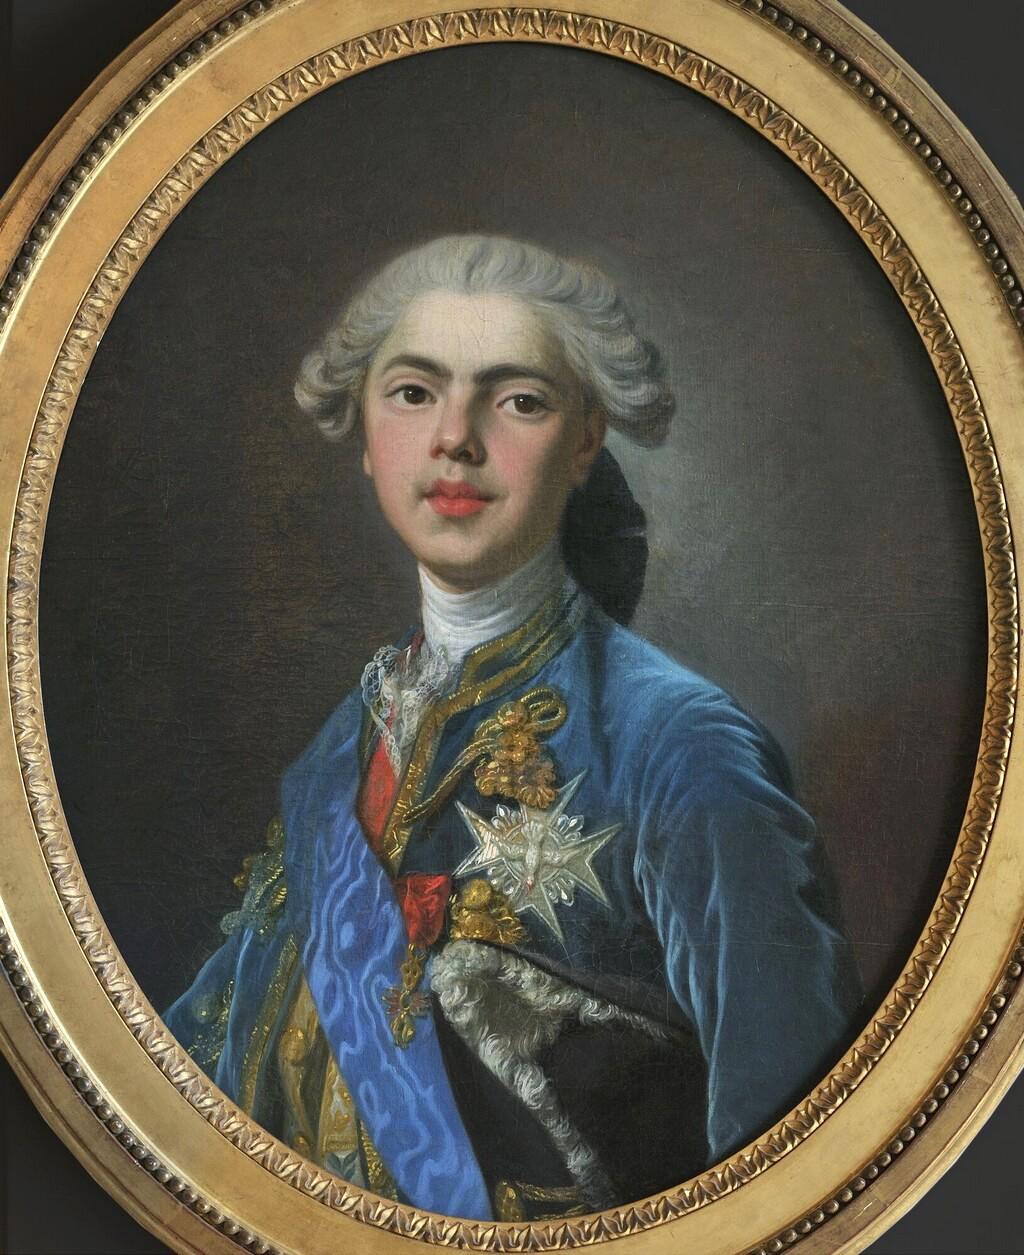 Portraits du comte d'Artois ou du comte de Provence par Van Loo ? Comte_12